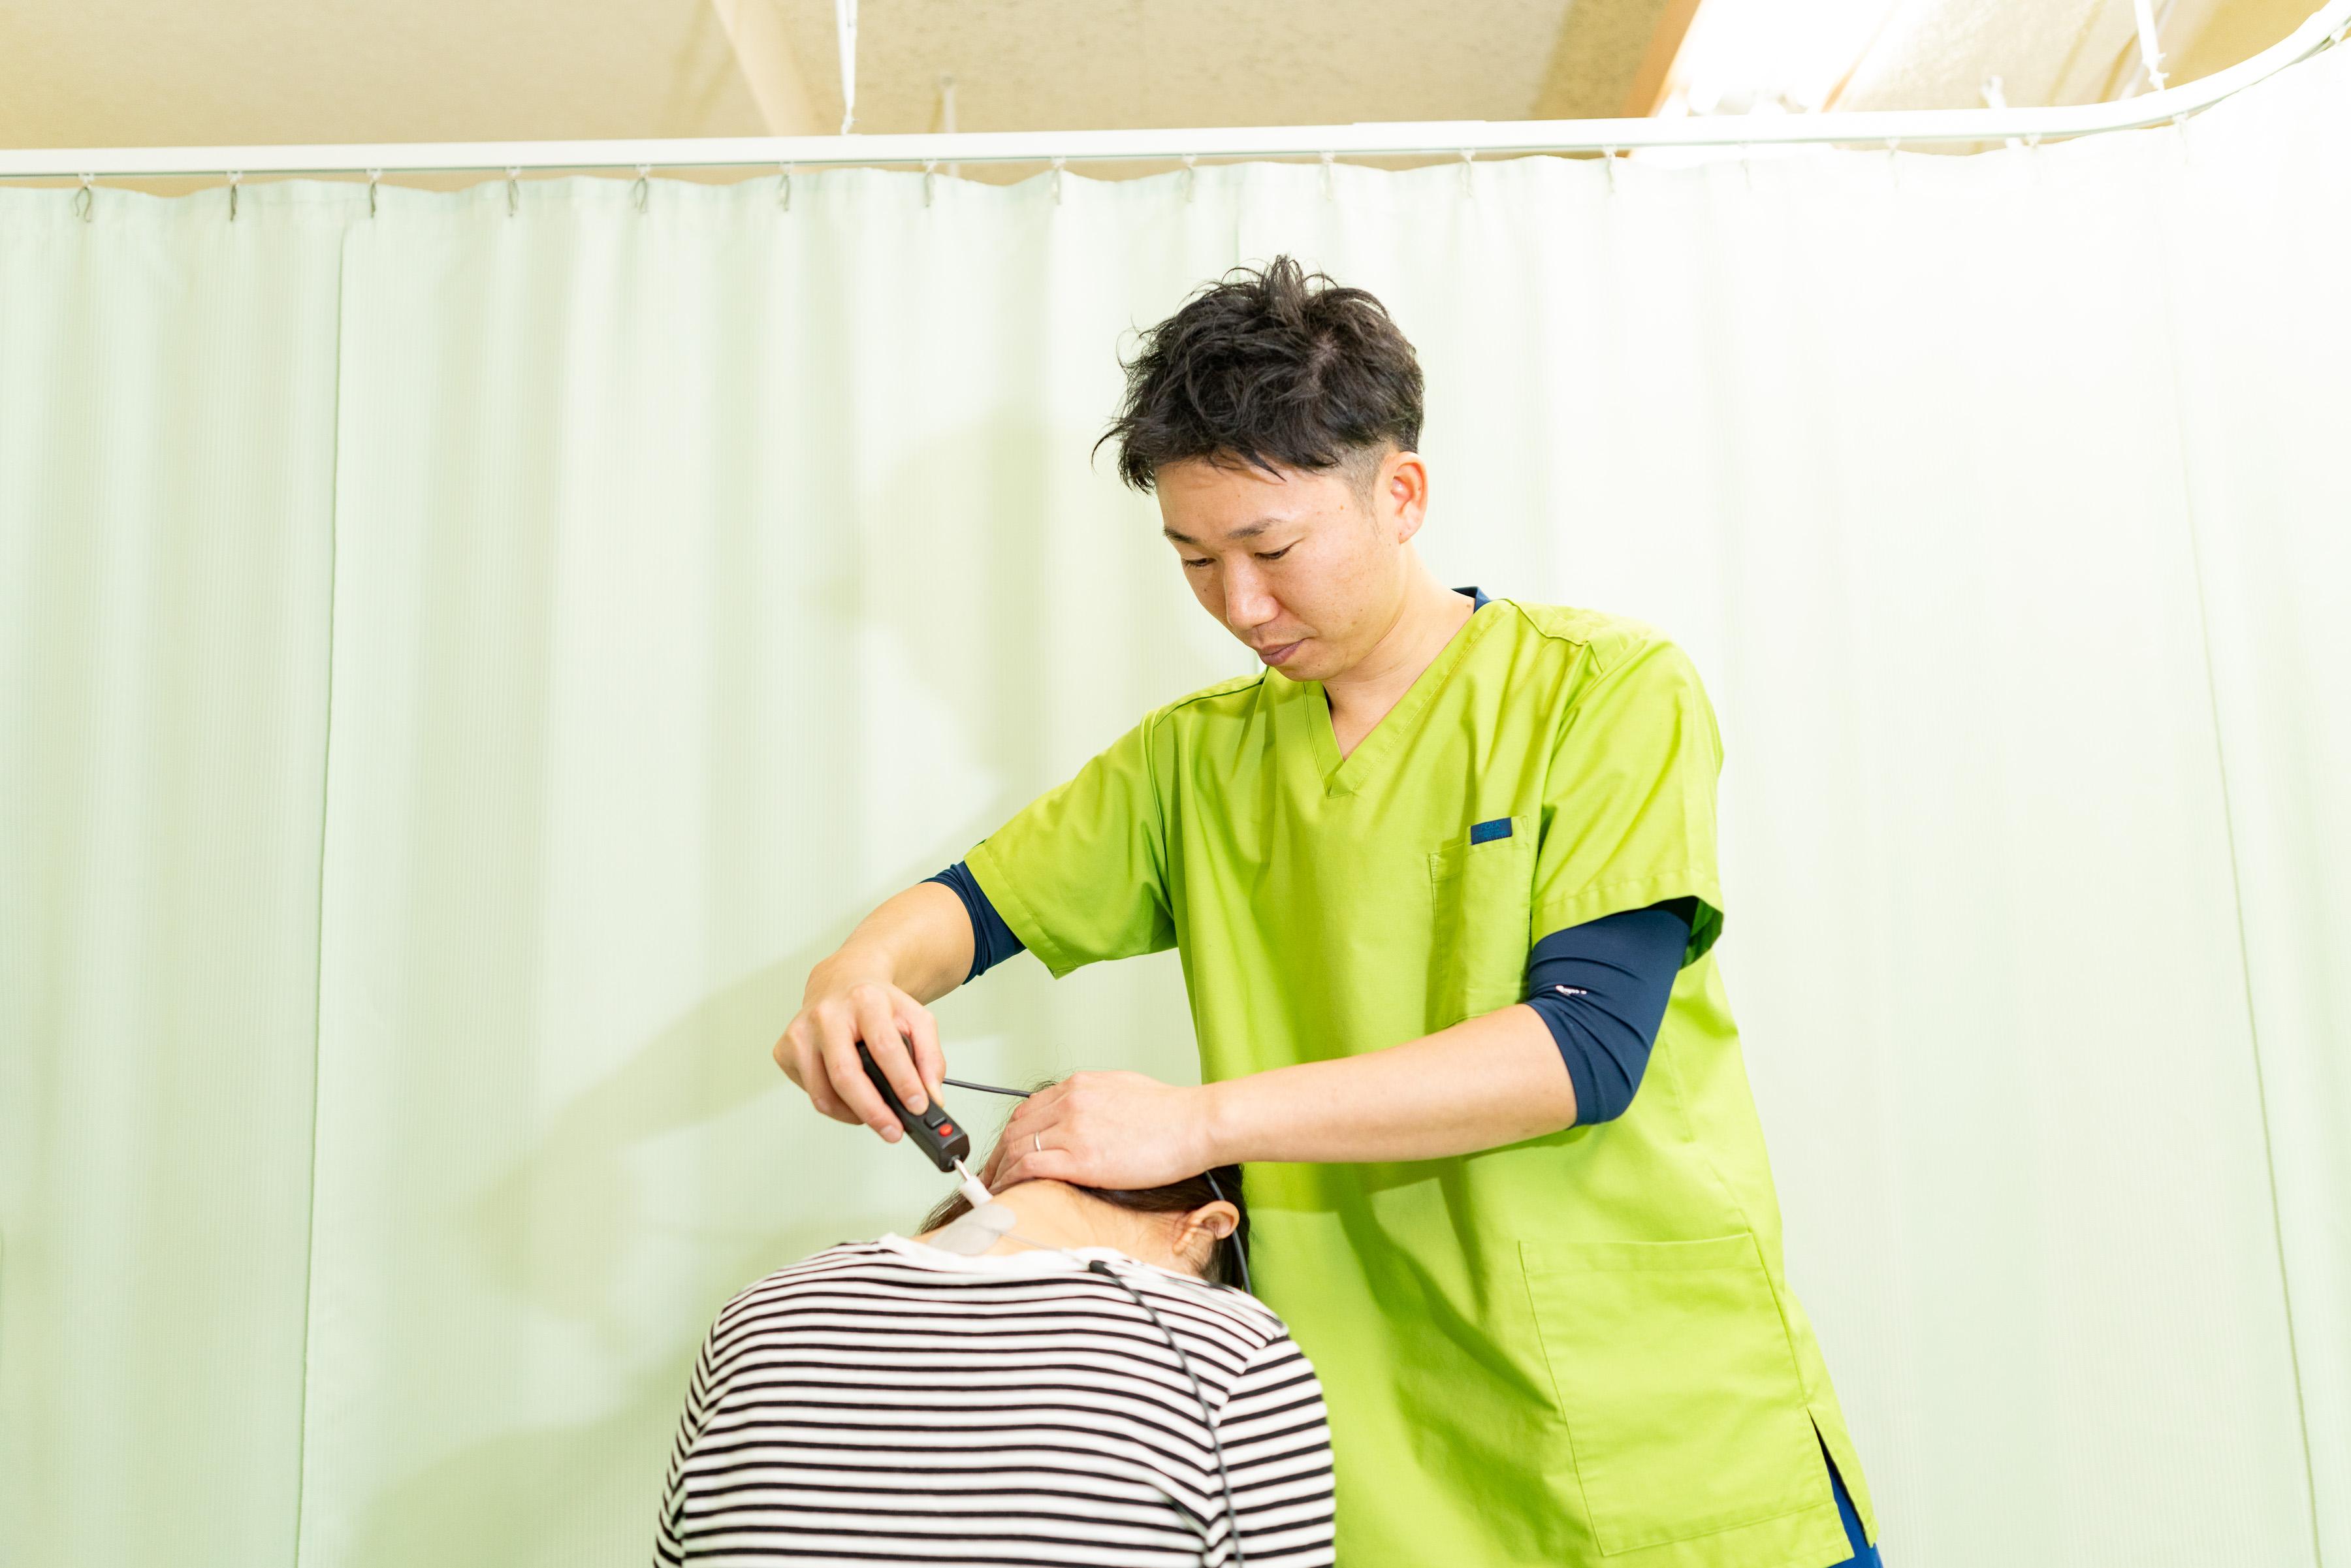 札幌市東区でむち打ち症の治療なら、まこと整骨院へ